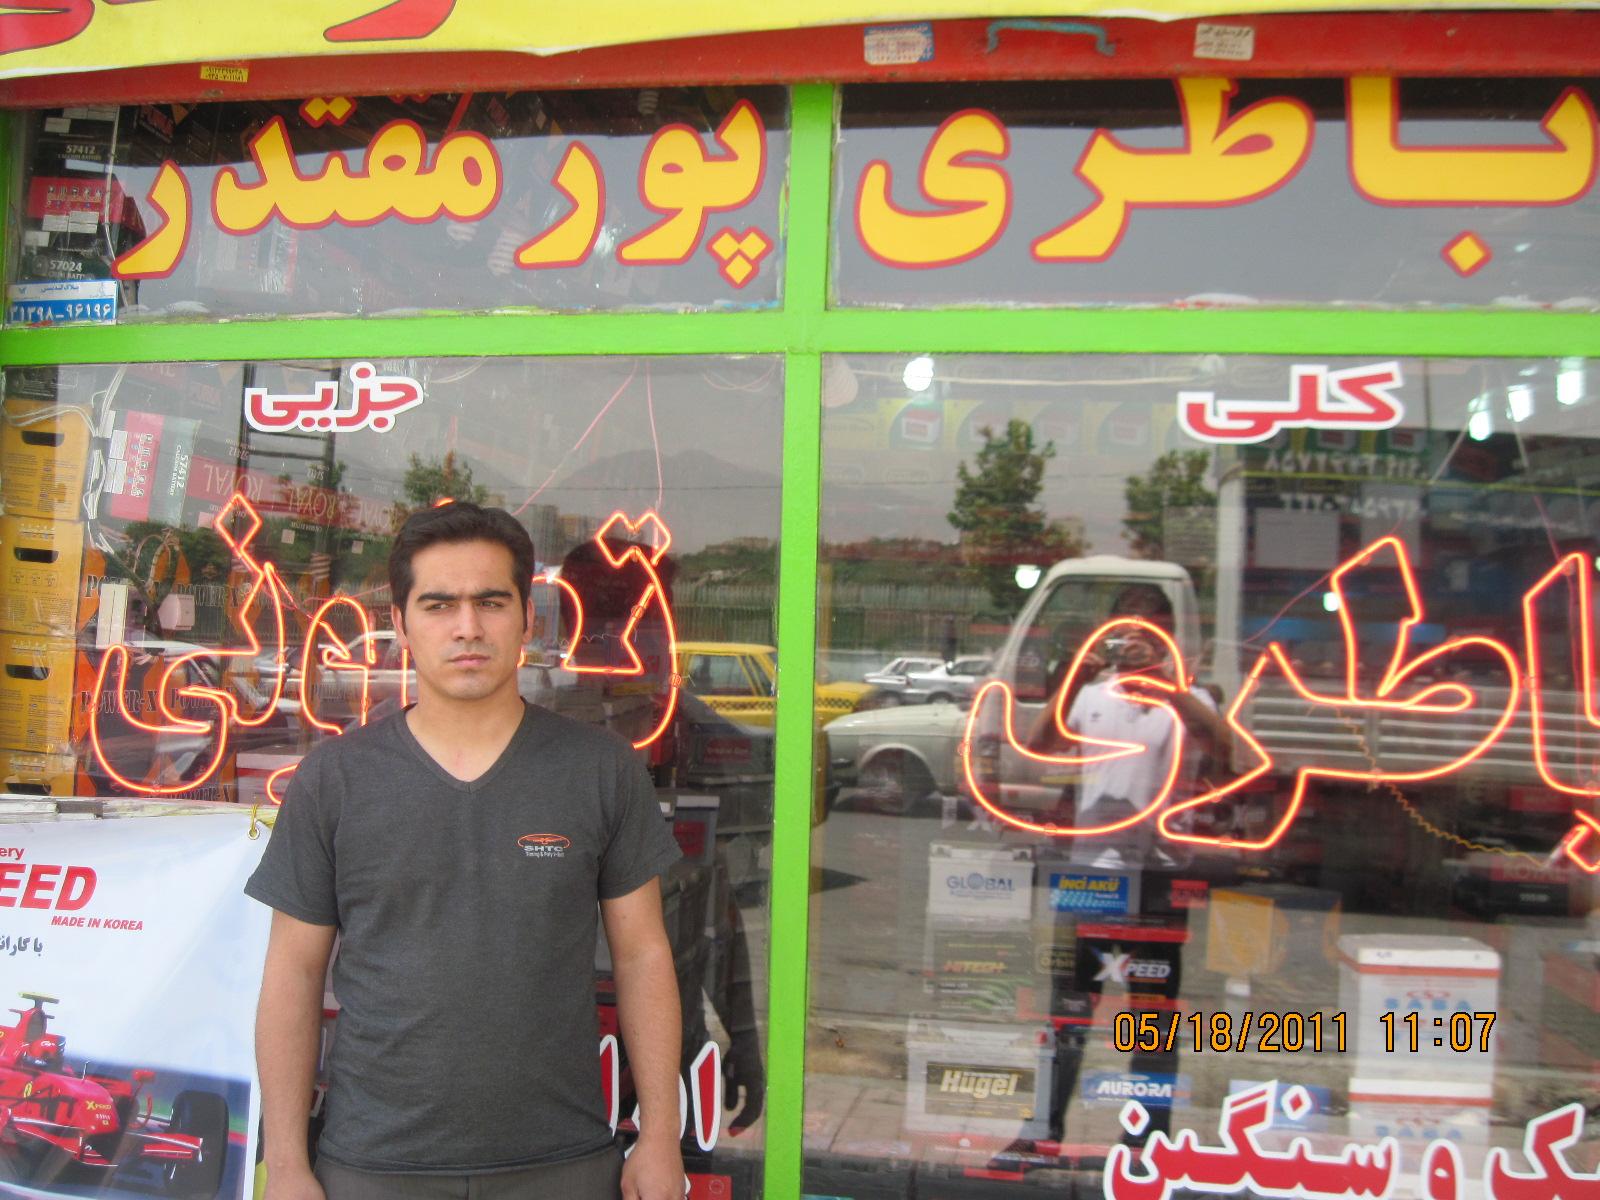 نمایندگی فروش باتری خودرو میانجاده کرج (شهاب جواد پور مقتدر ),نمایندگی فروش باتری خودرو ,فروش باتری,میانجاده کرج, باتری خودرو